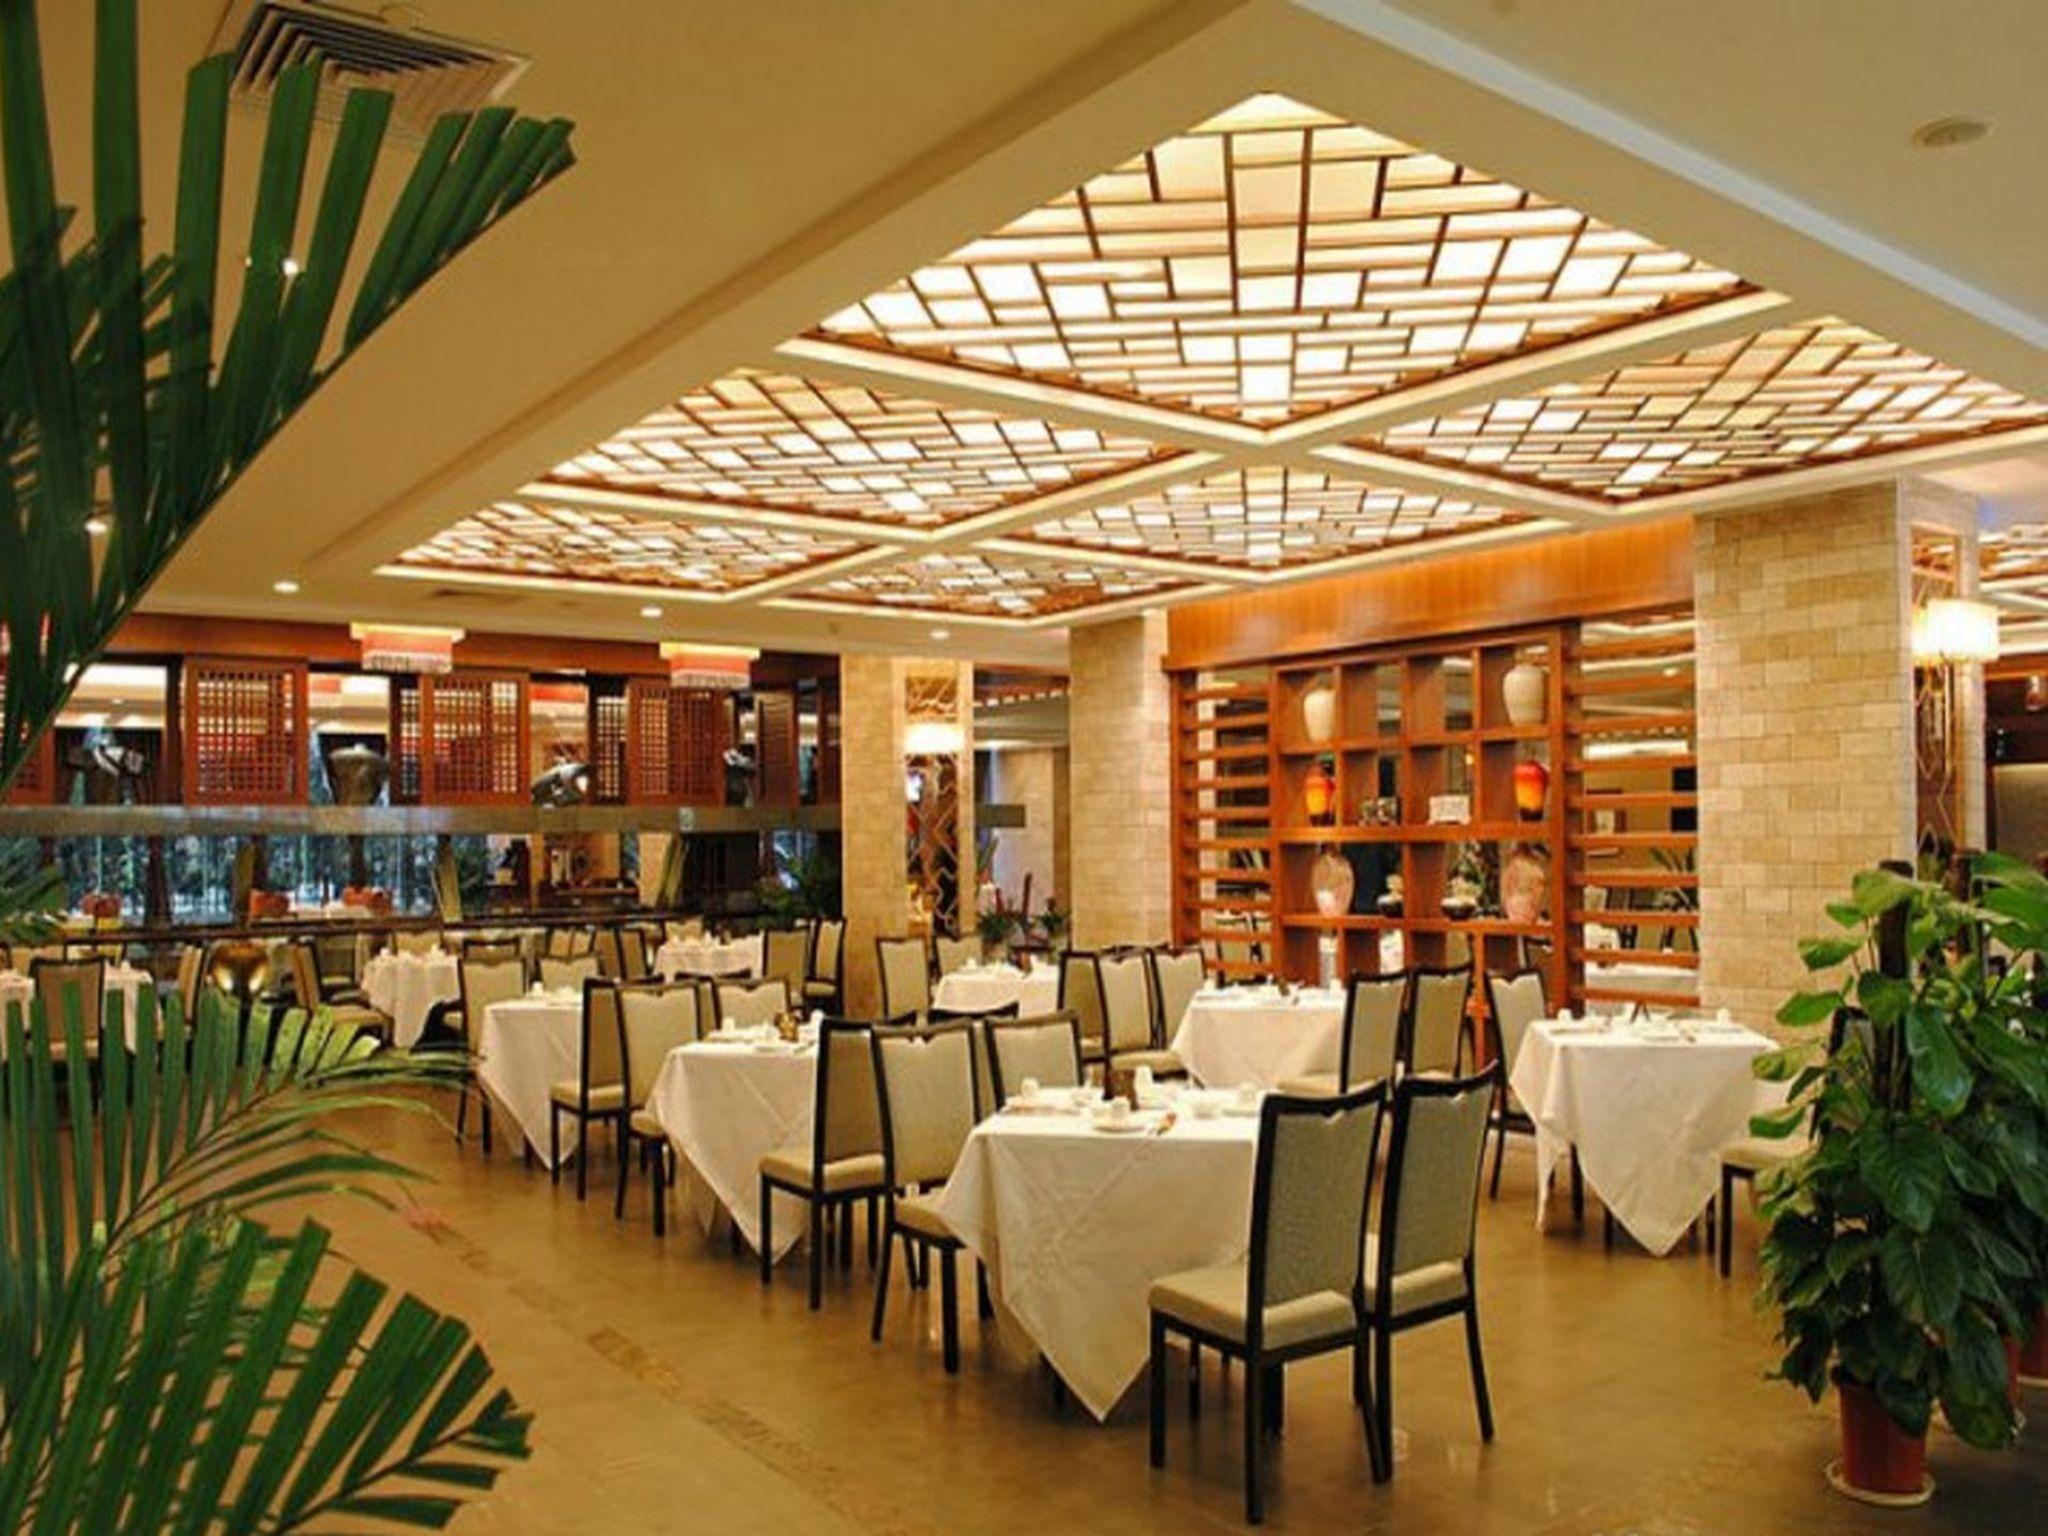 Qingyuan International Hotel